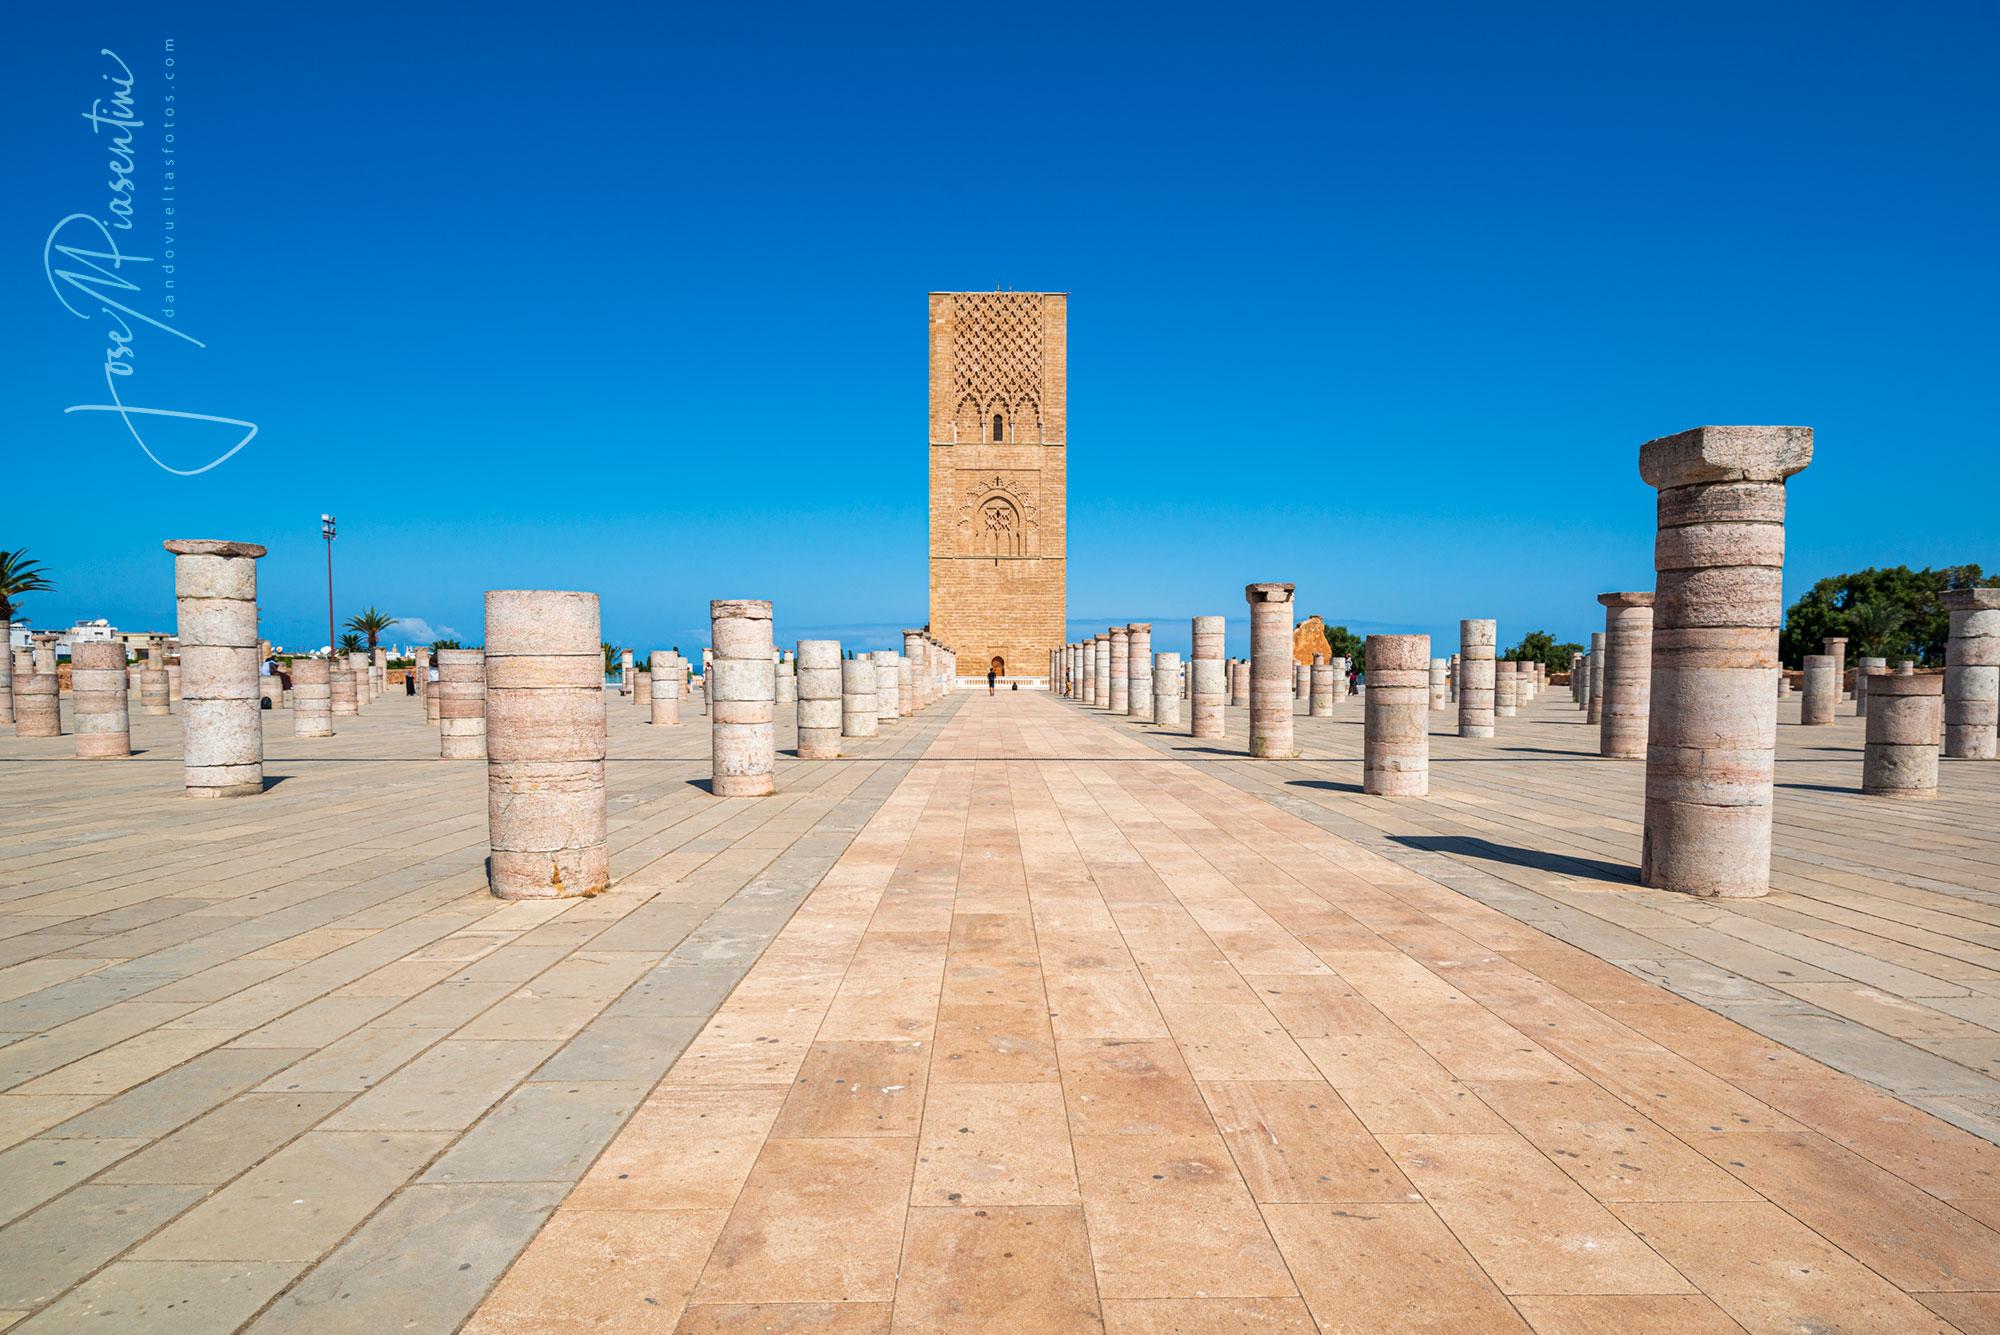 Torre Hassan Rabat Marruecos